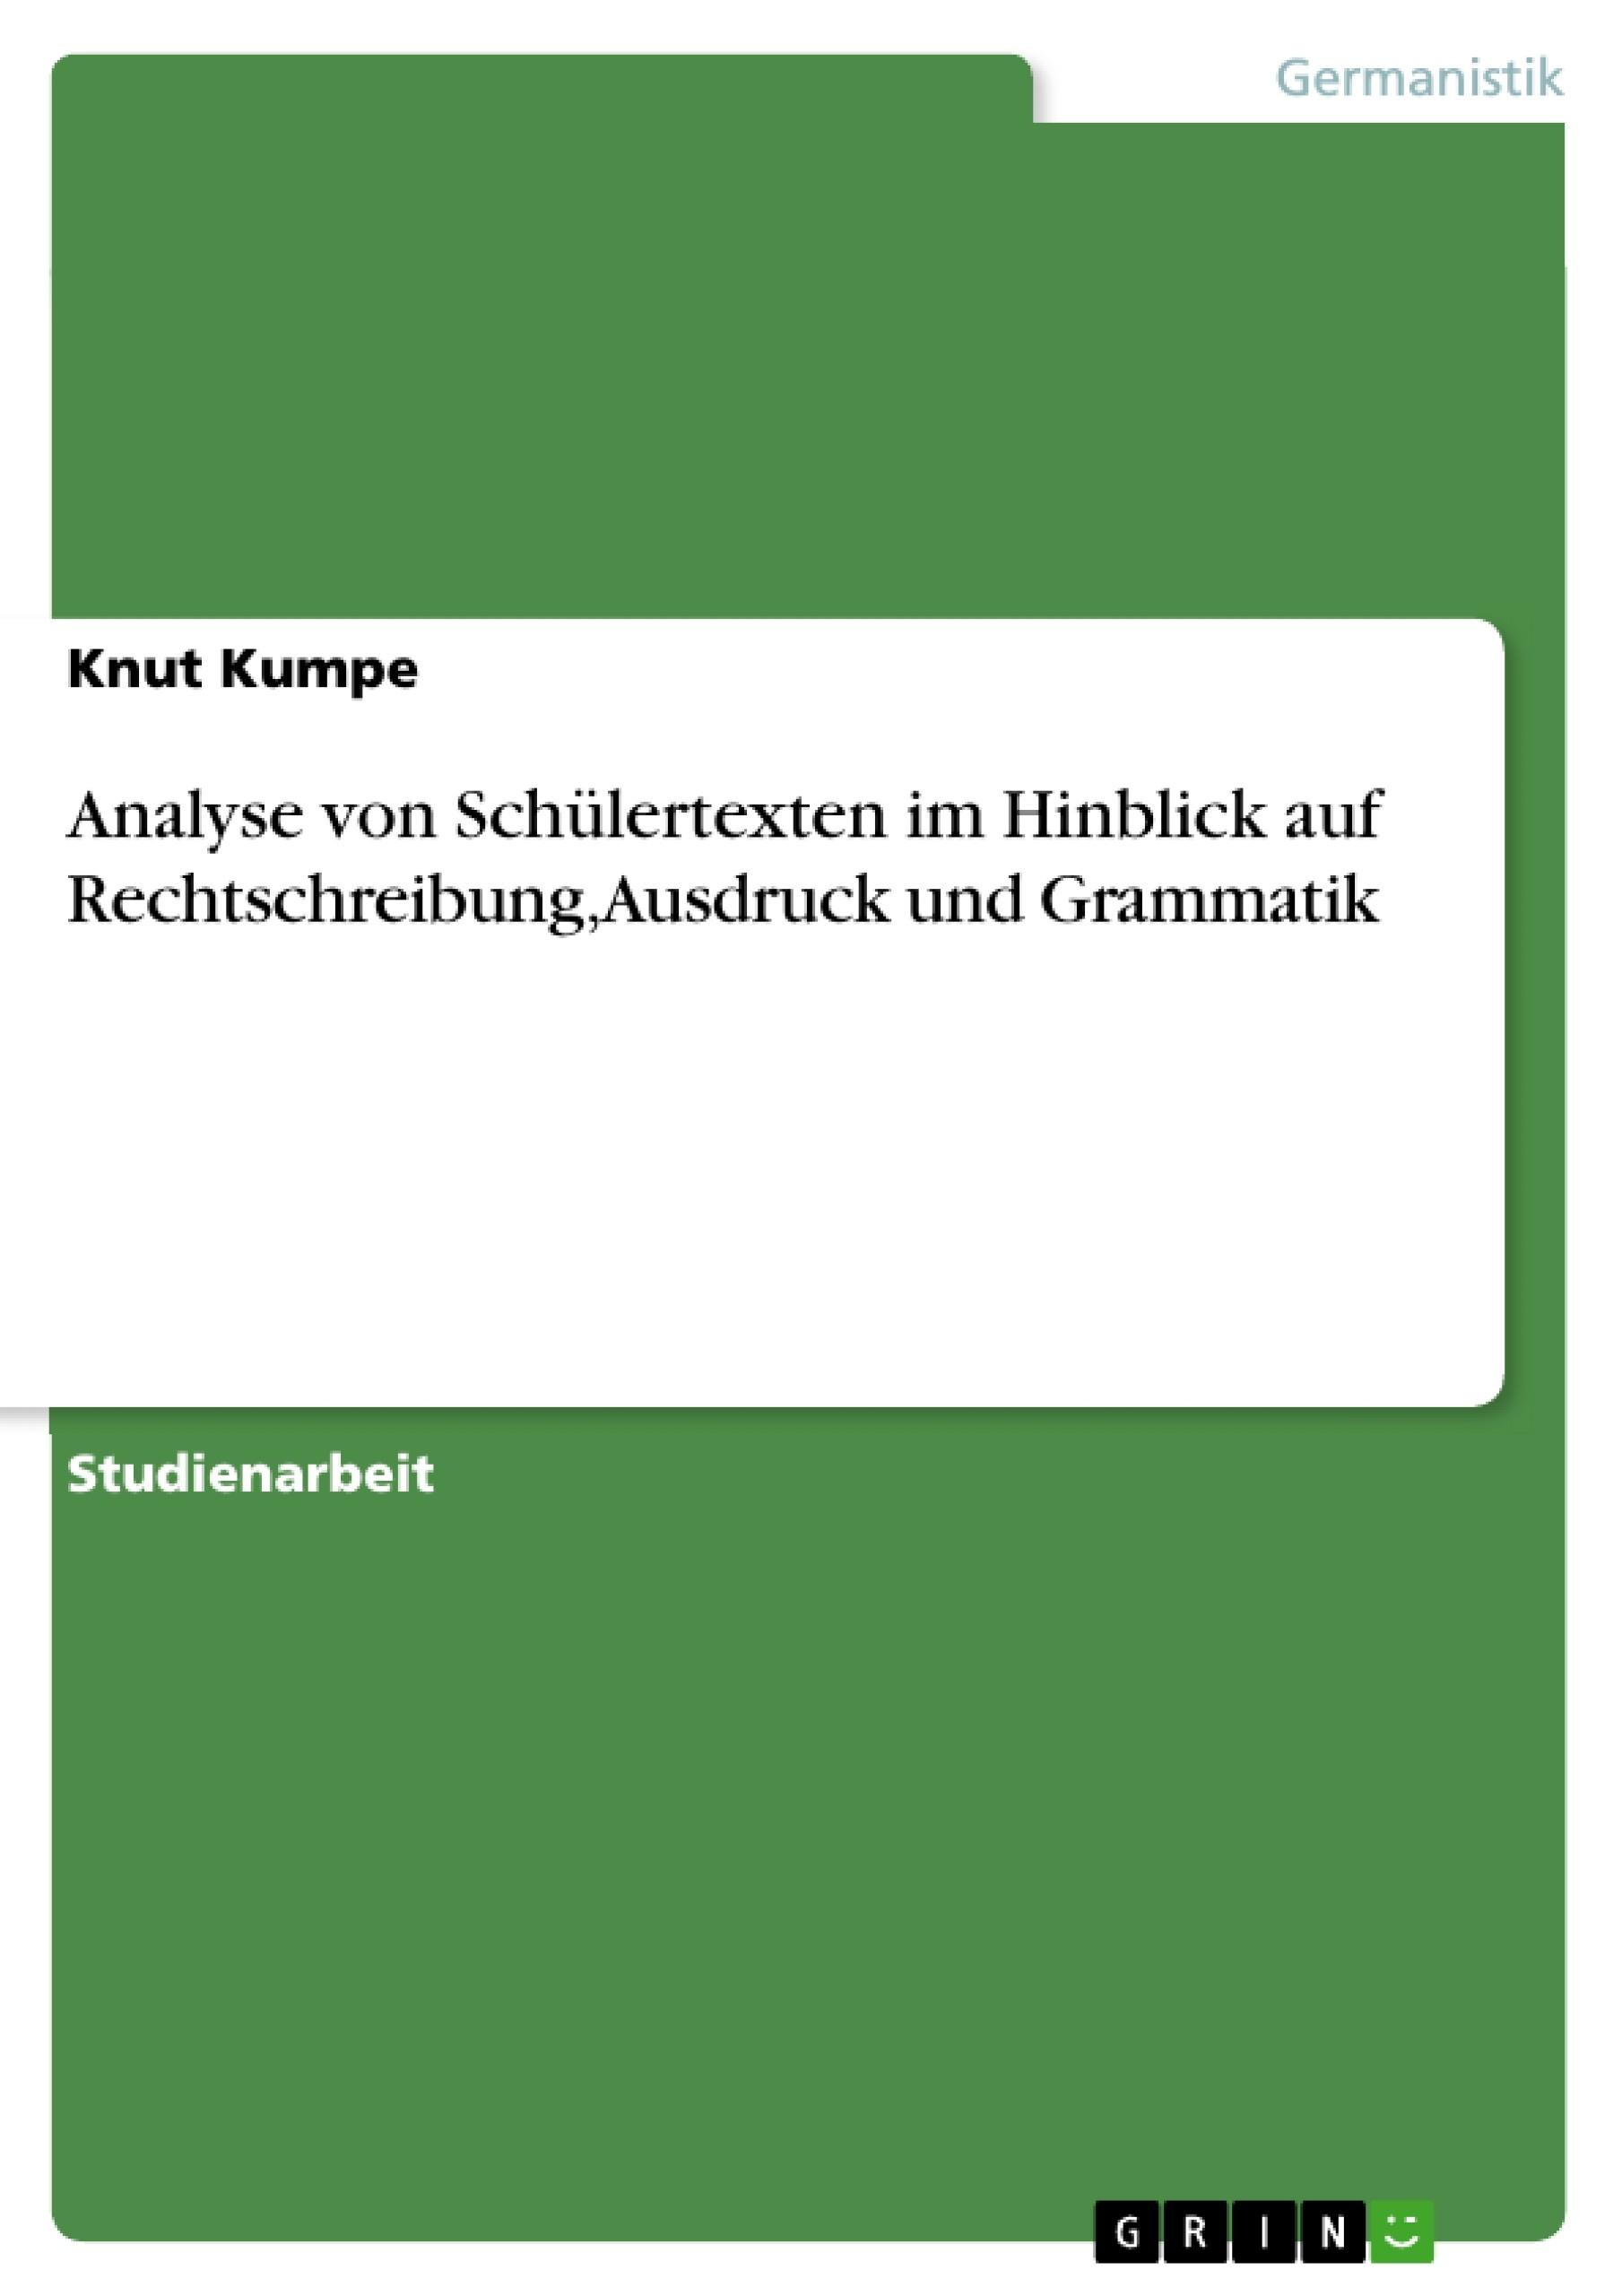 Titel: Analyse von Schülertexten im Hinblick auf Rechtschreibung, Ausdruck und Grammatik